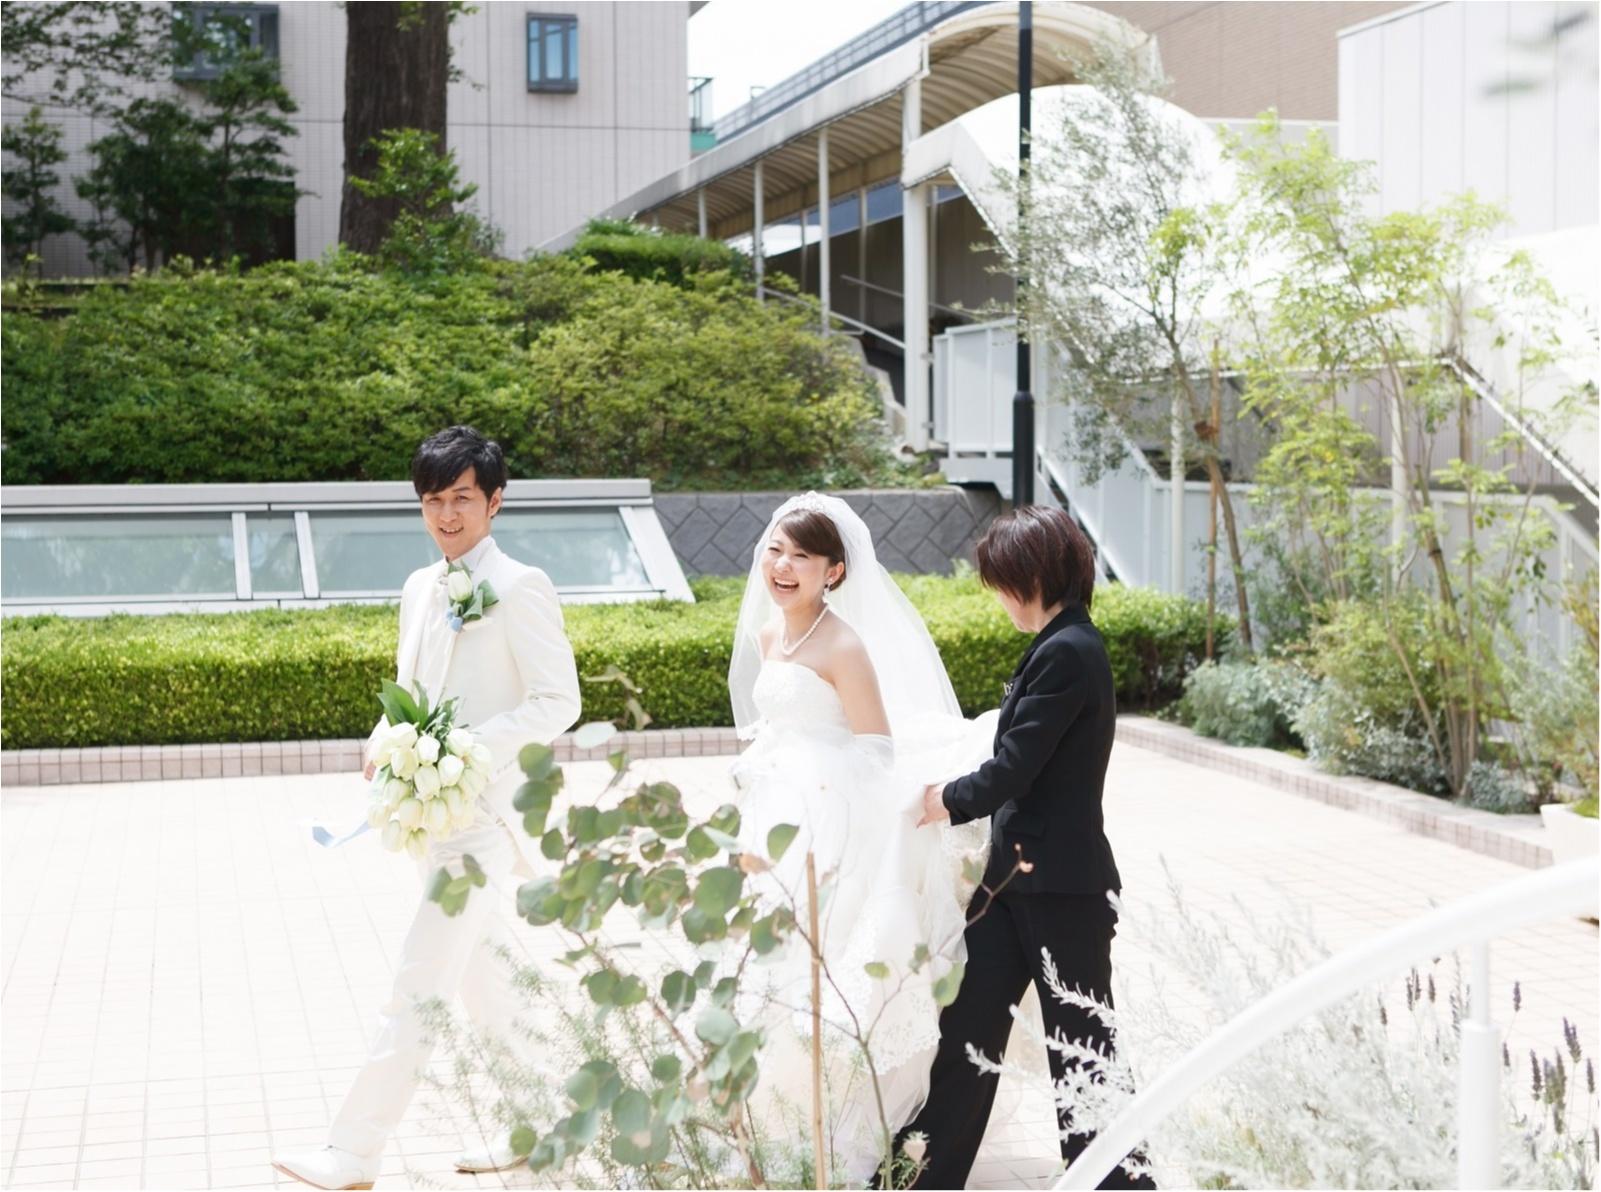 【1】ーレポ開始ー品川プリンスホテルで結婚式をあげました#さち婚_9